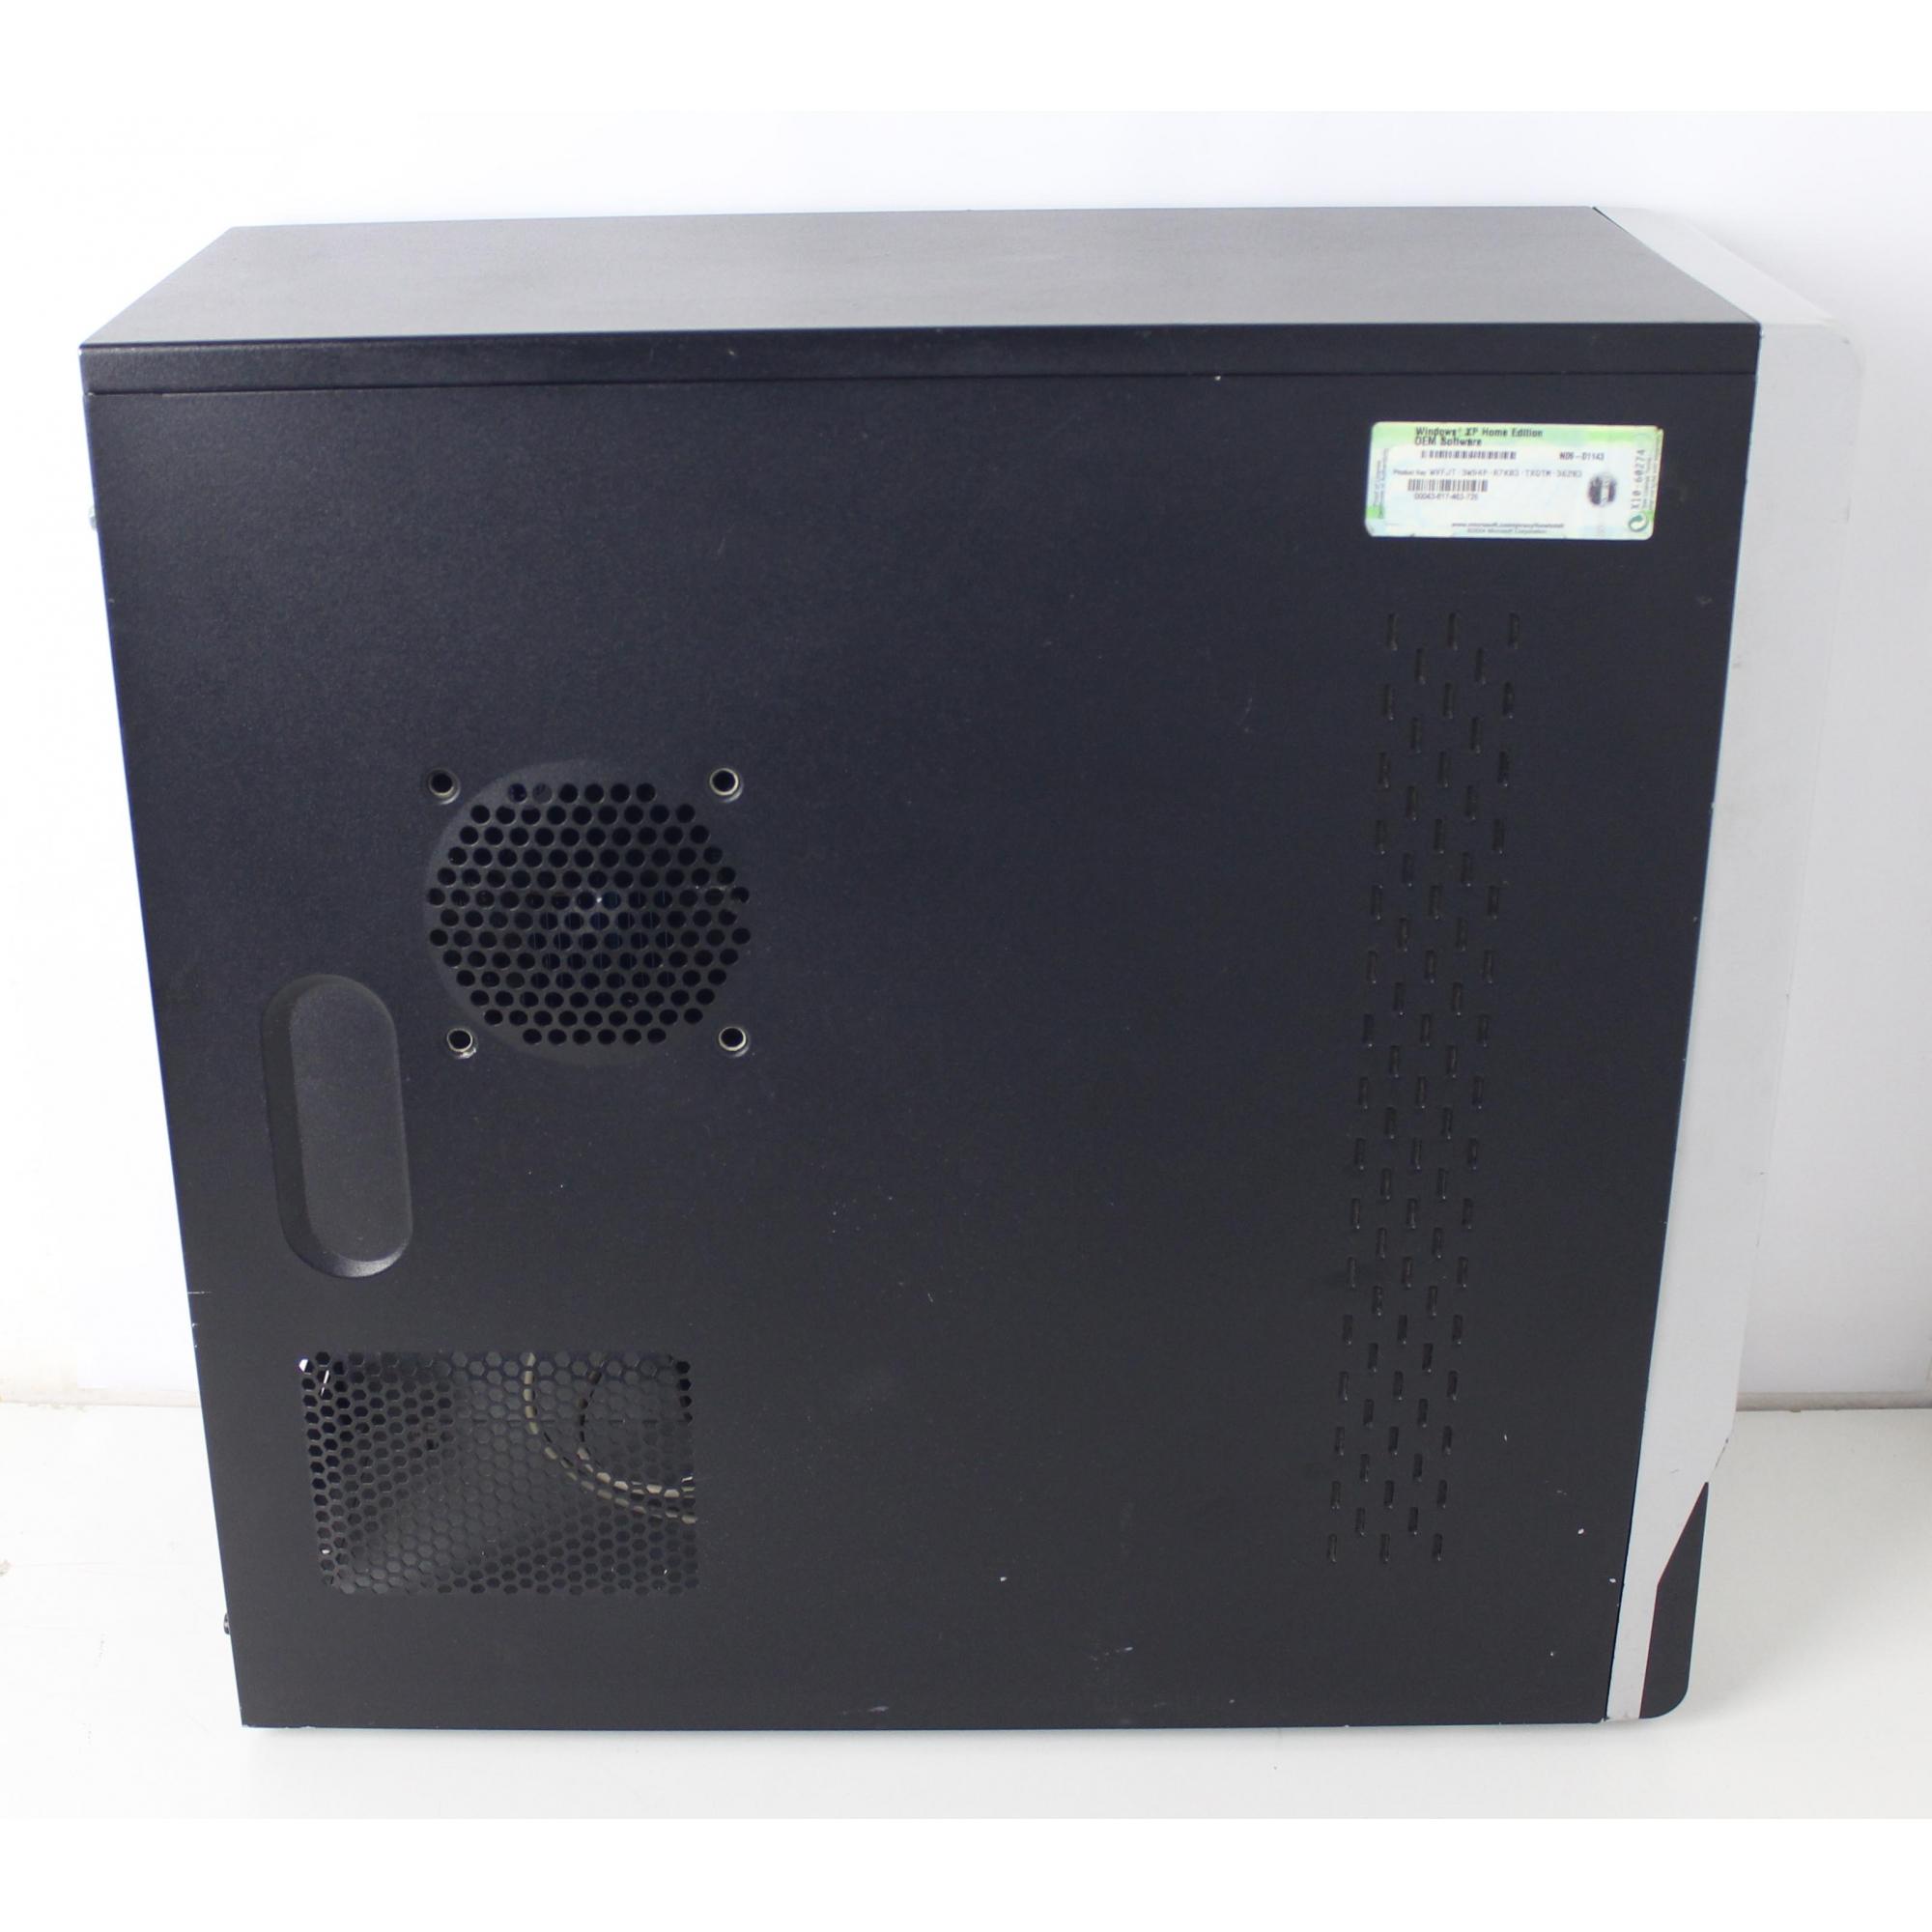 CPU Intel Core 2 Duo E4500 2.2GHz 4GB HD-250GB + 2GB Dedicado